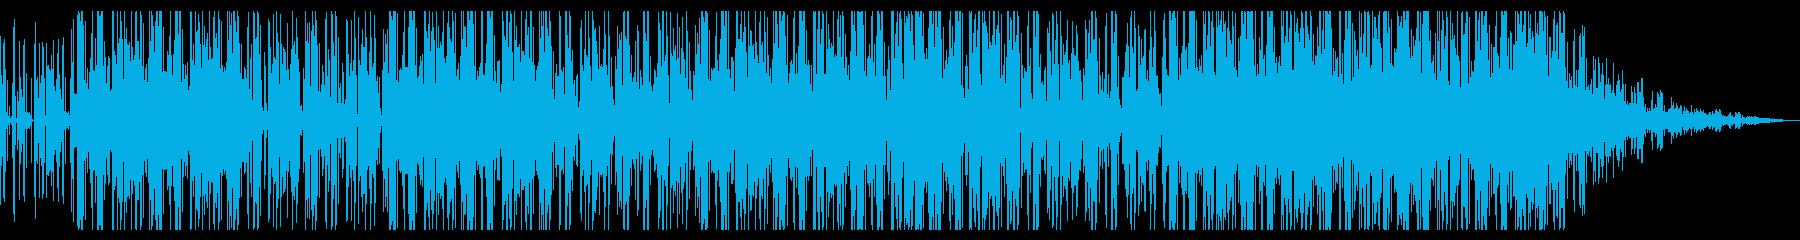 ミクスチャーサンバソウルの再生済みの波形